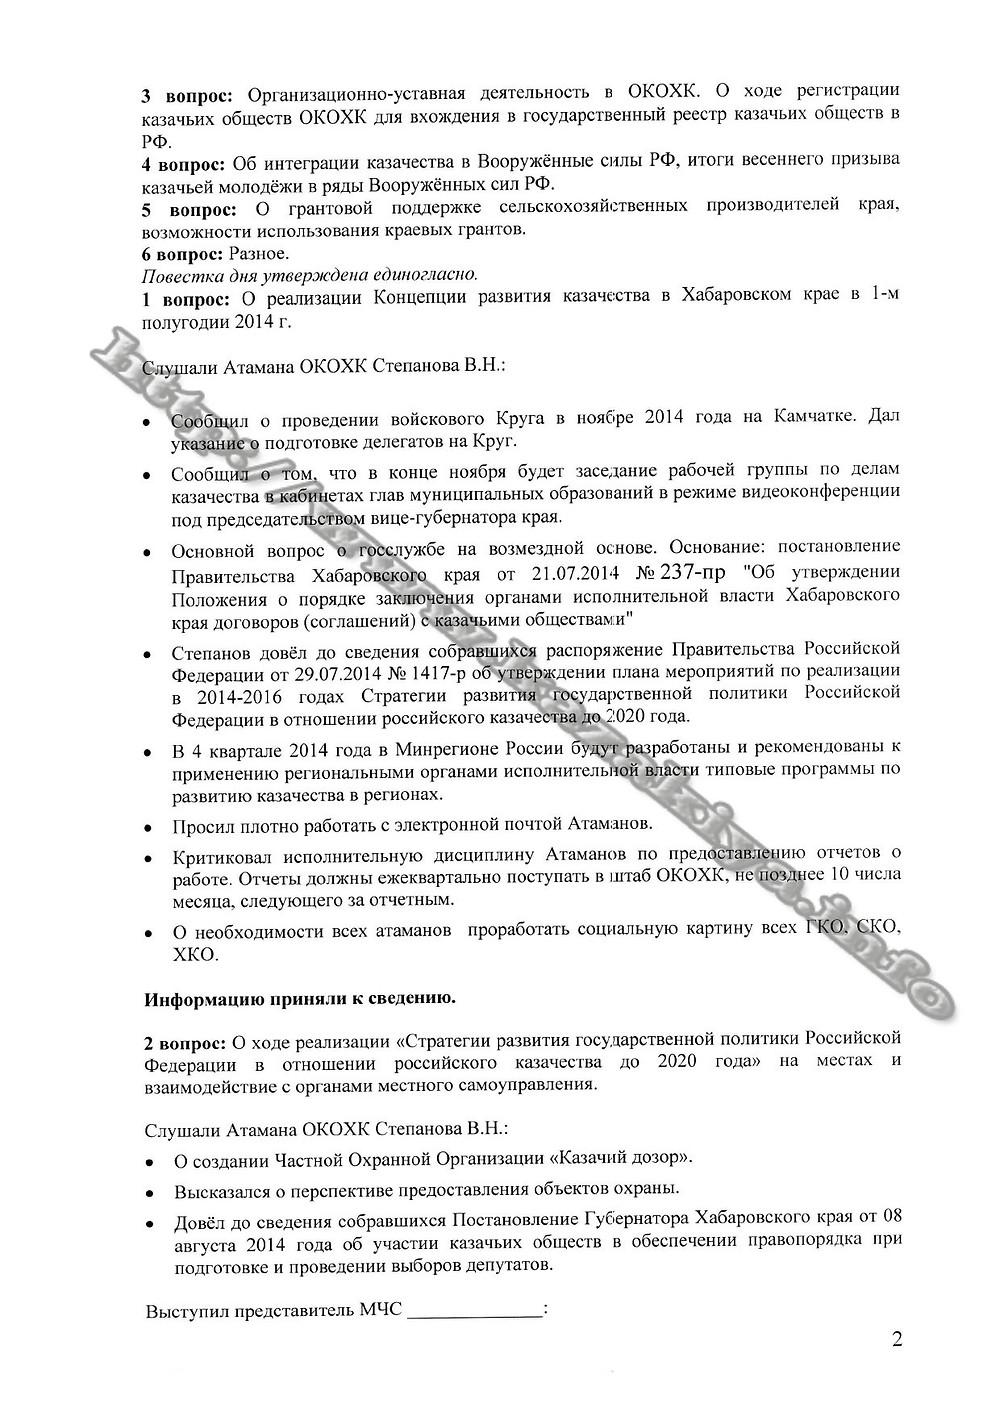 Протокол-Совета-Атаманов-ОКОХК-20.08.14-страница2.jpg